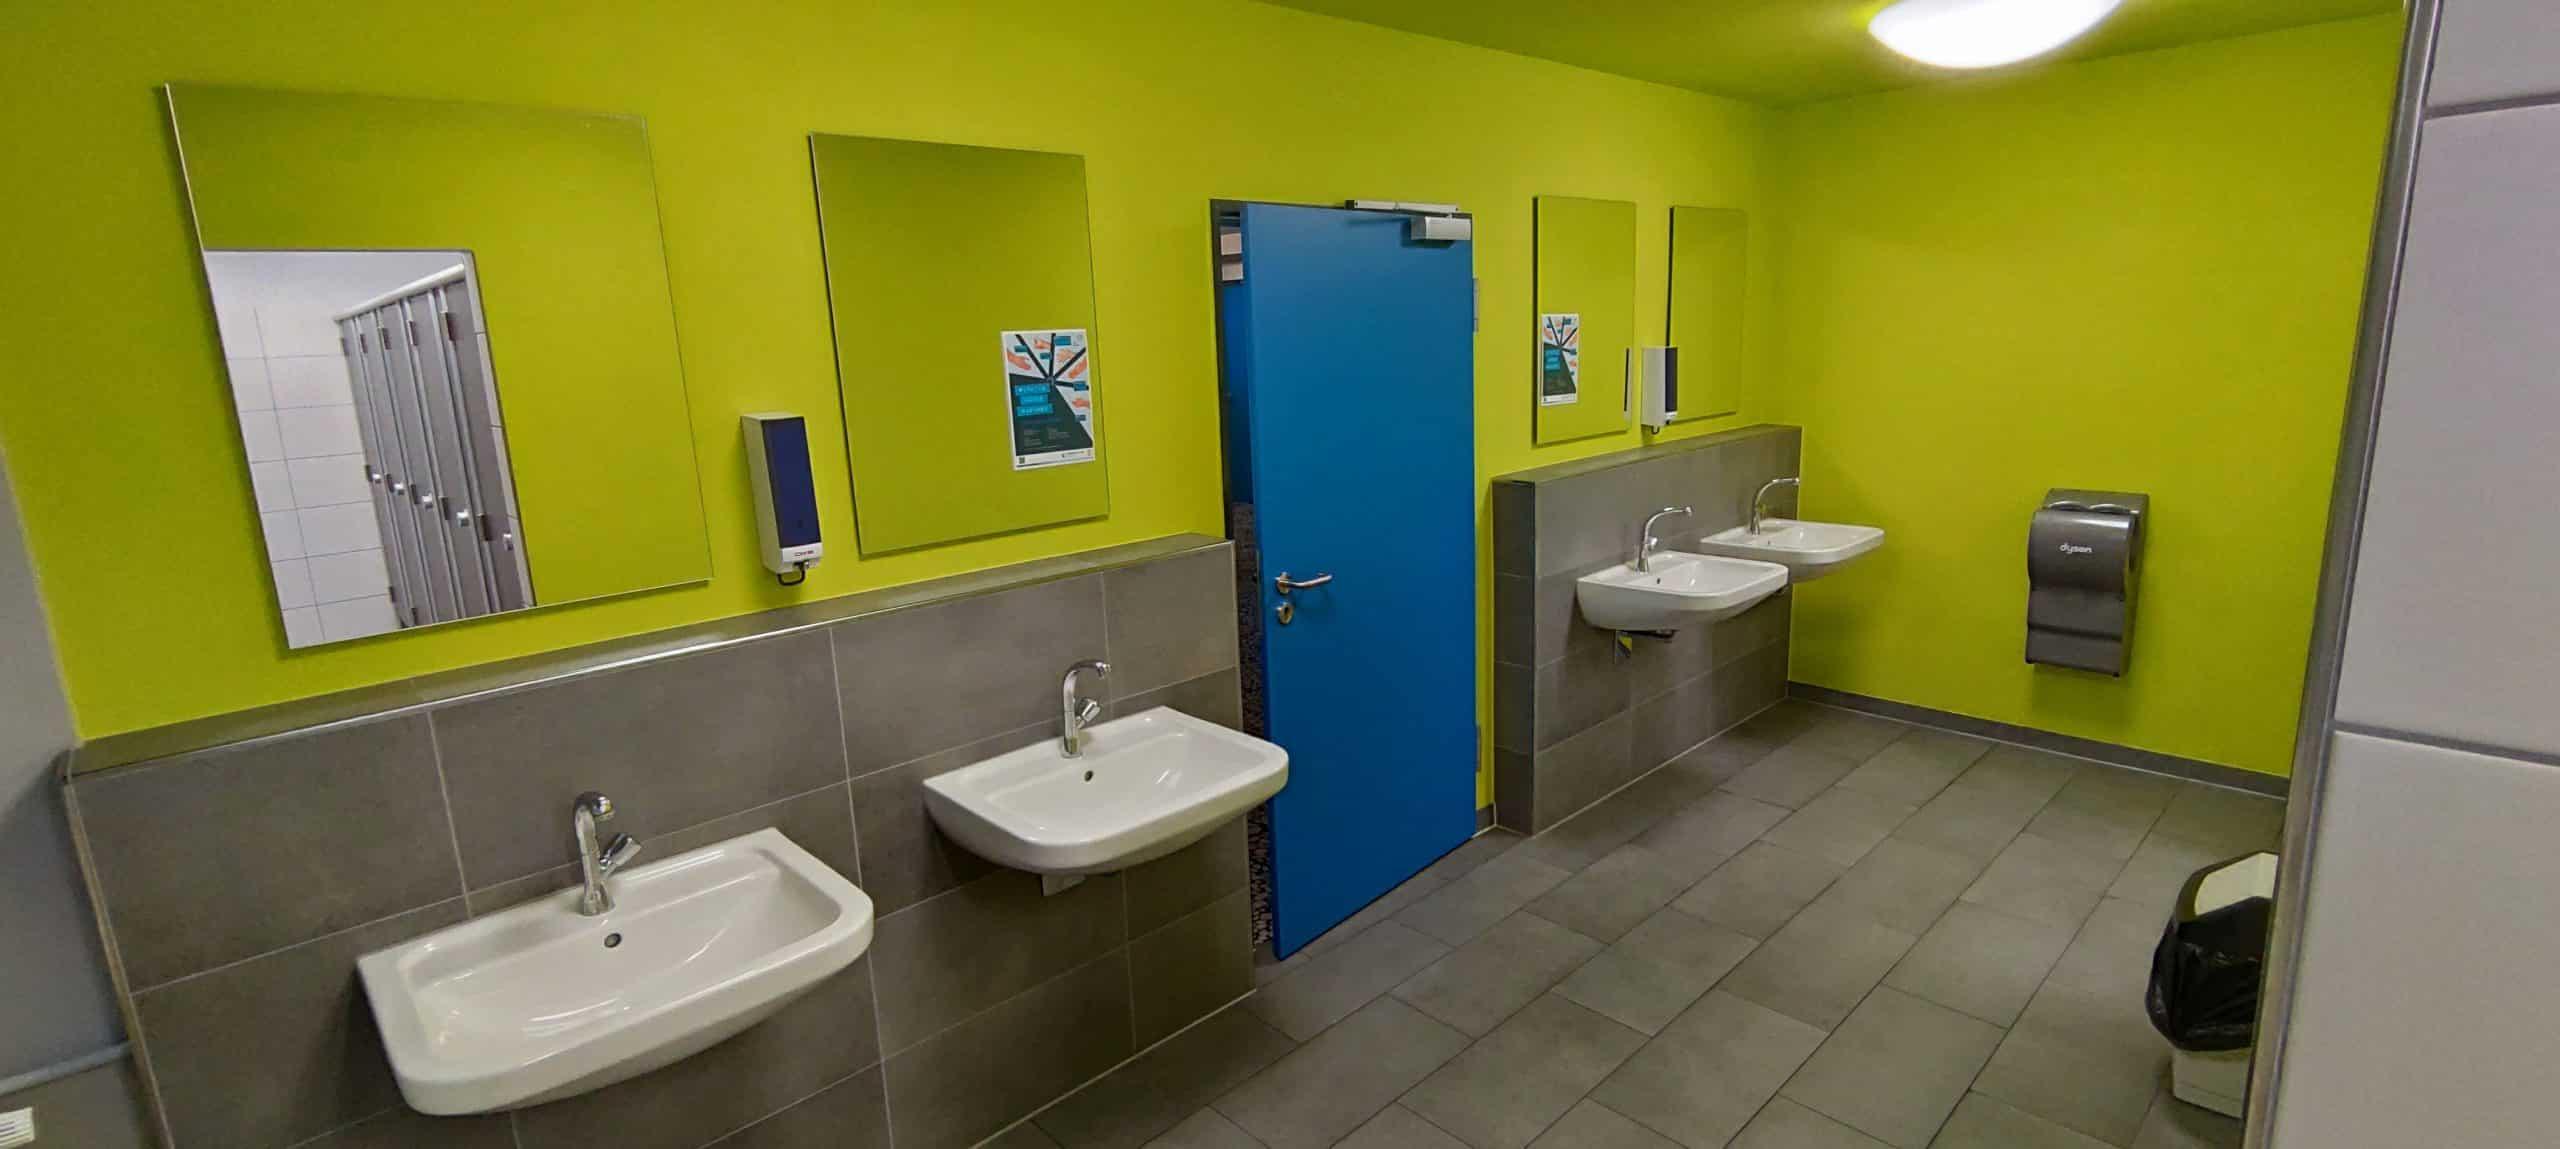 Dr. Zimmermannsche Wirtschaftsschule in Koblenz Waschraum der modernisierten Herrentoilette